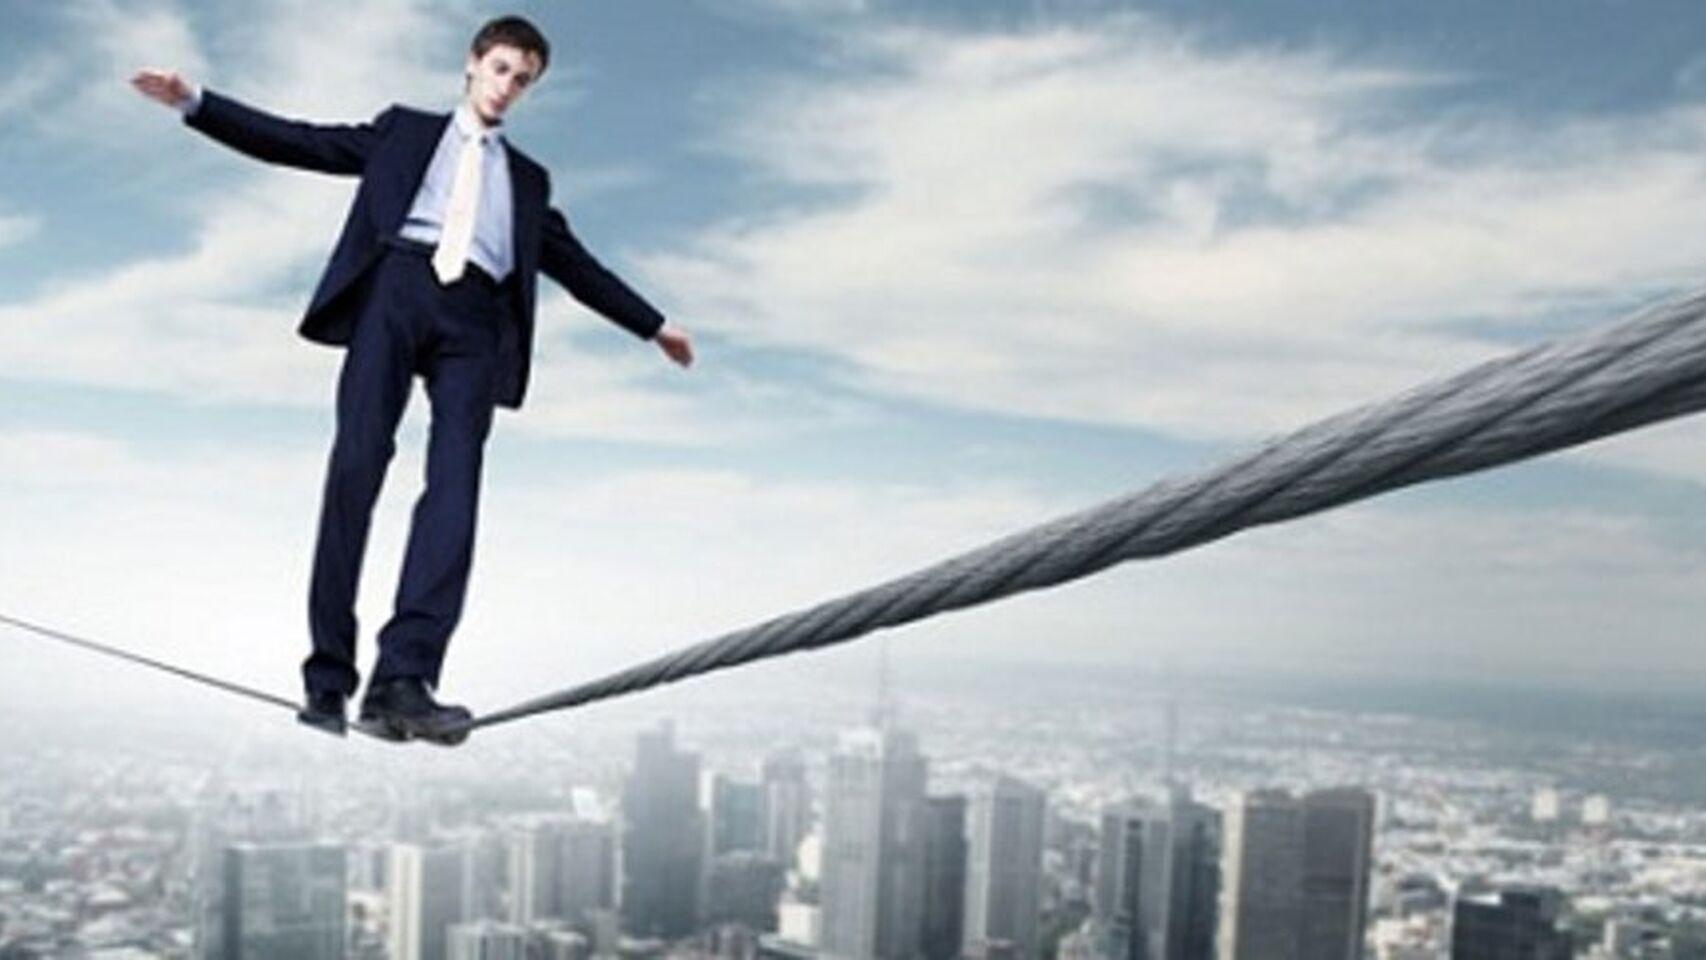 La confianza de los inversores va en aumento.